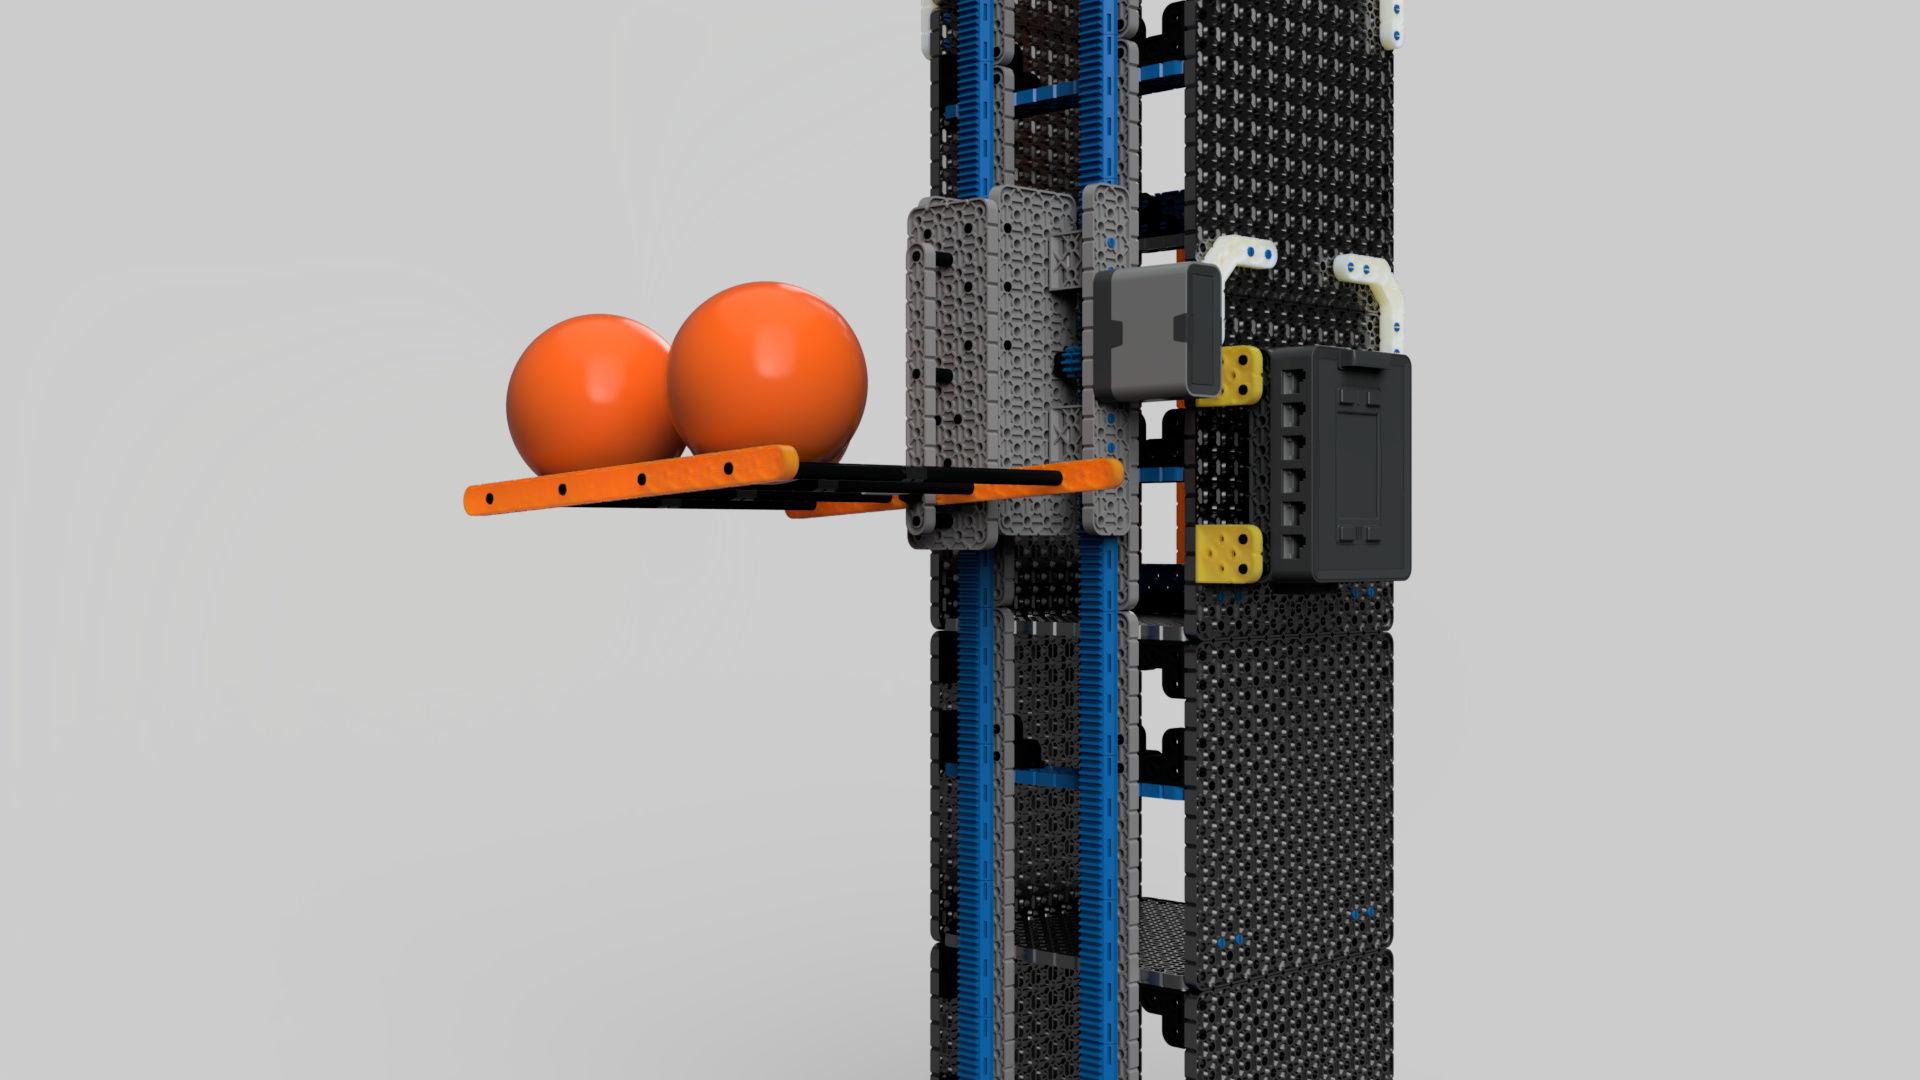 Elevador---desafio-de-robotica-2019-2019-nov-28-06-38-56pm-000-customizedview12988660342-jpg-3500-3500